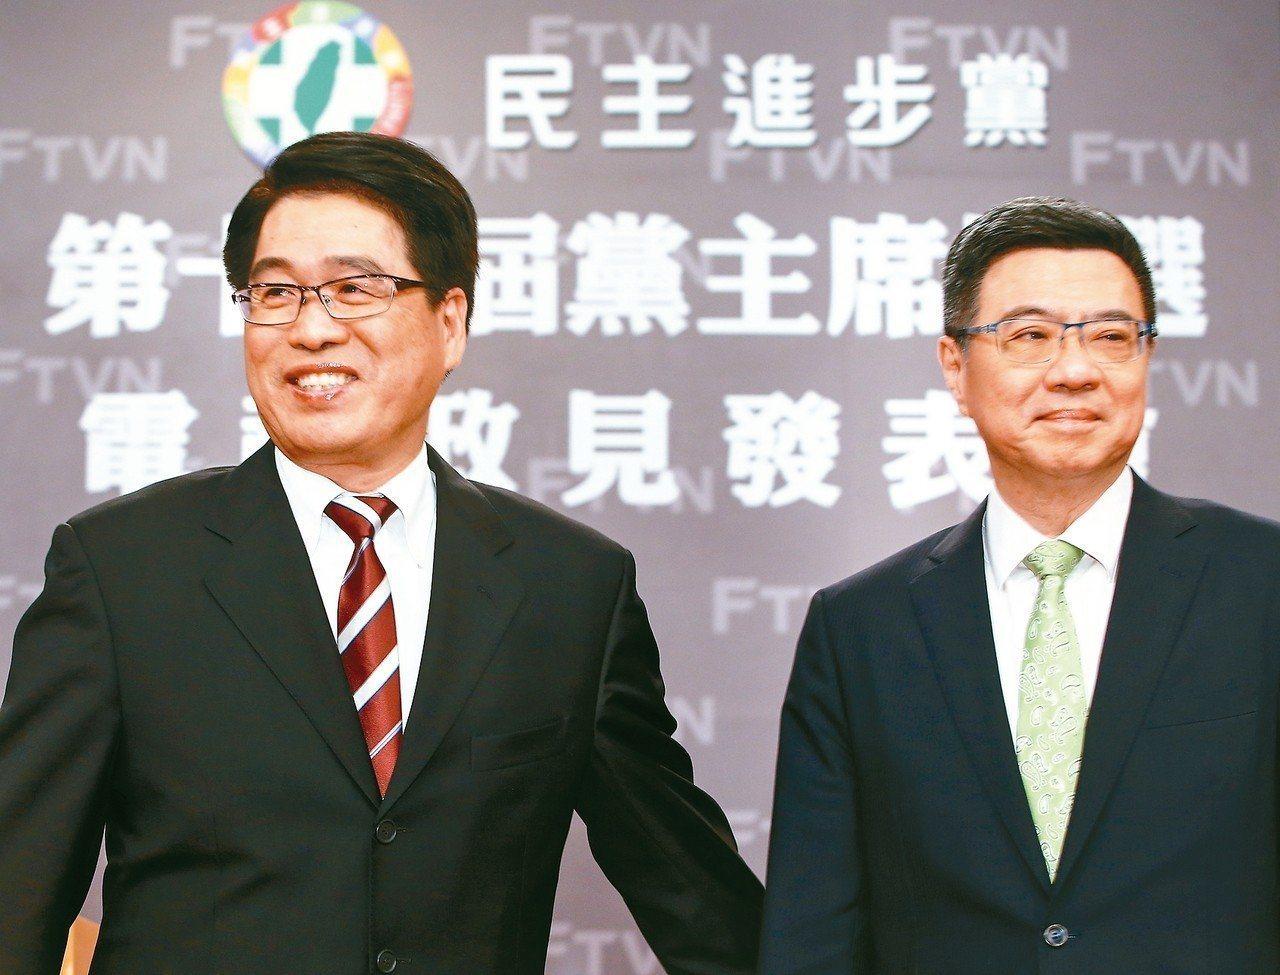 游盈隆(左)。本報資料照片